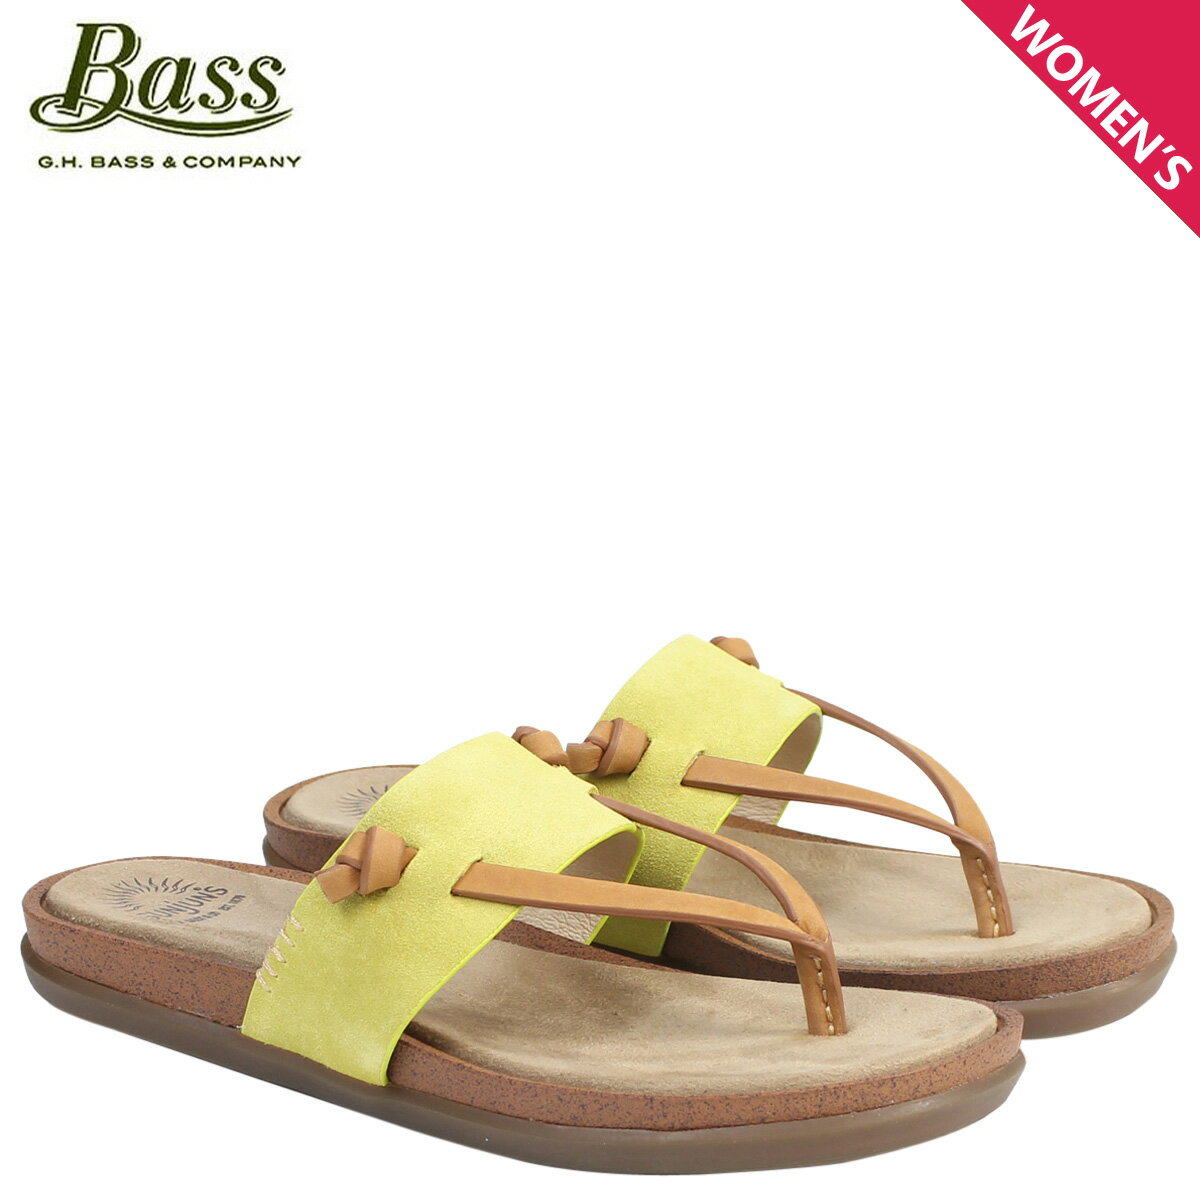 ジーエイチバス サンダル レディース G.H. BASS トング SHANNON THONG SUNJUNS 71-23013 靴 イエロー [177]